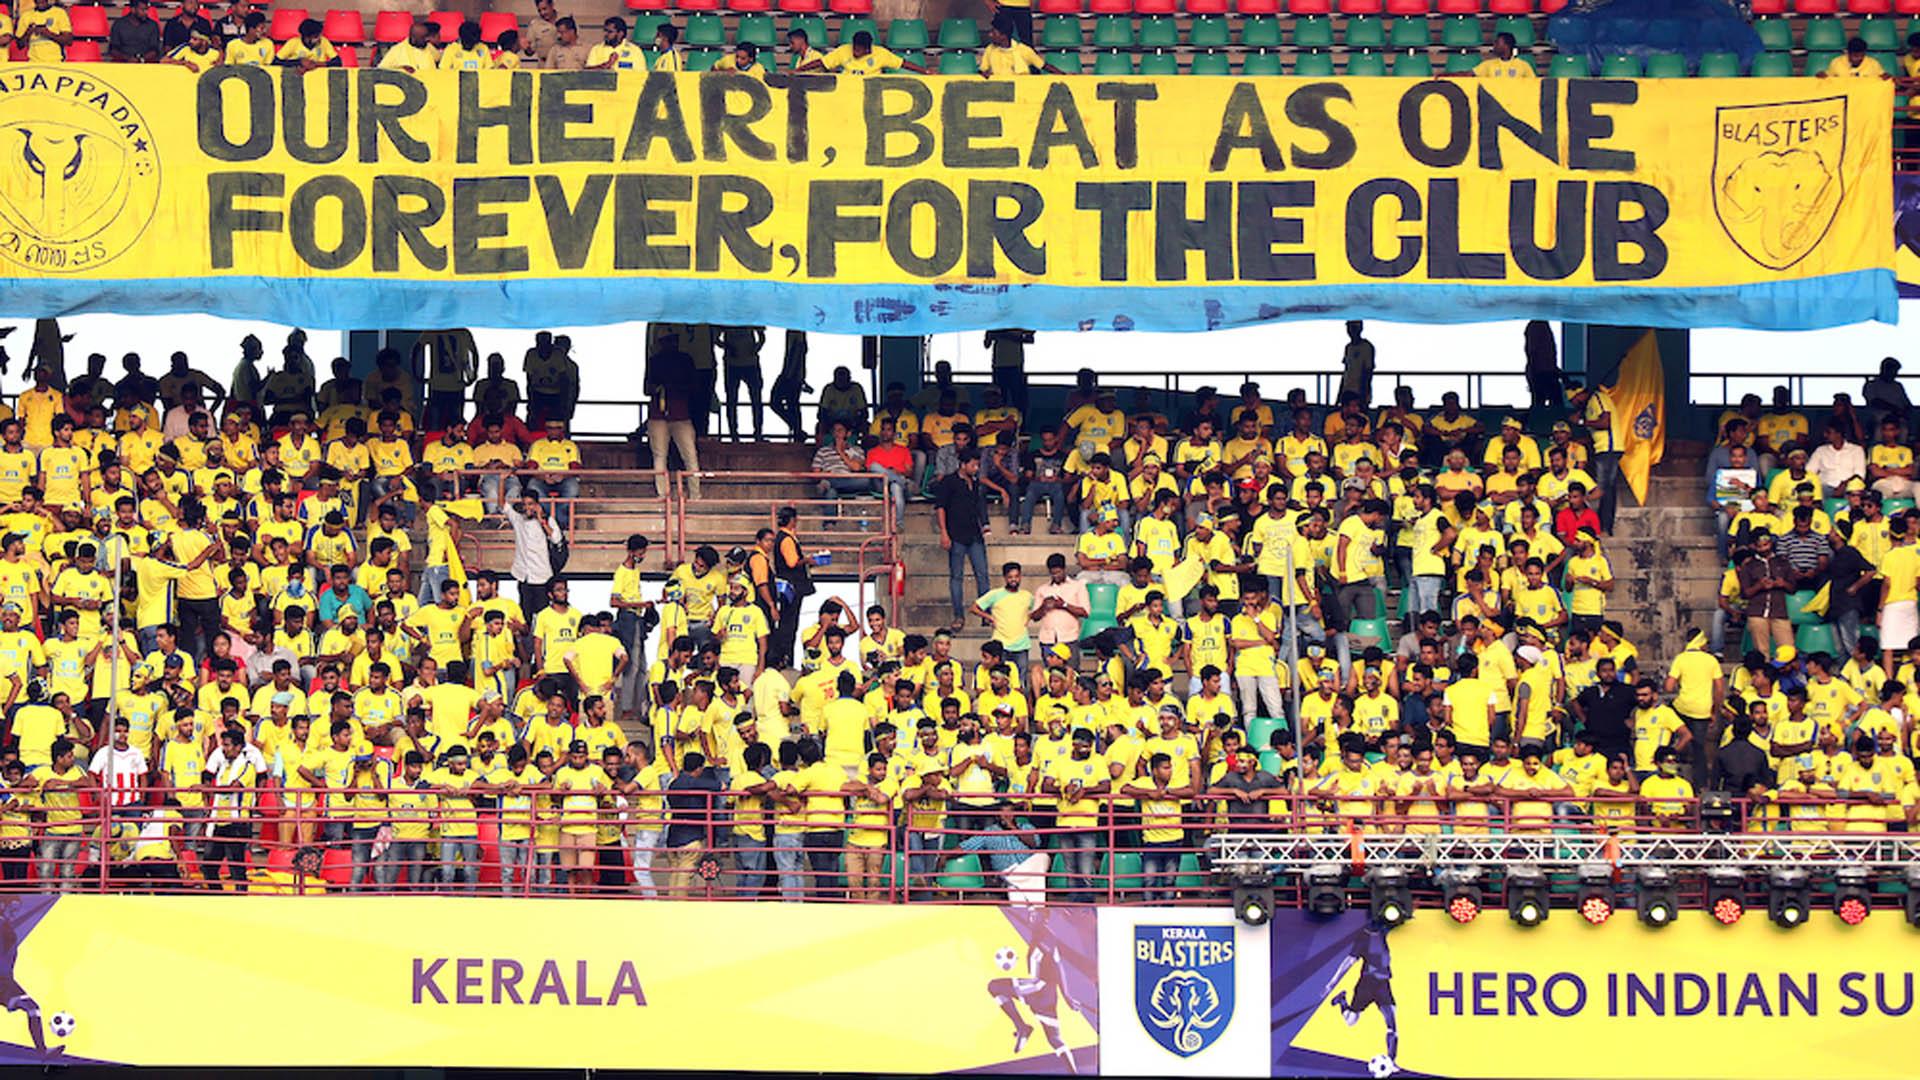 ISL 2017: Kerala Blasters' home game against Bengaluru FC in danger of being postponed